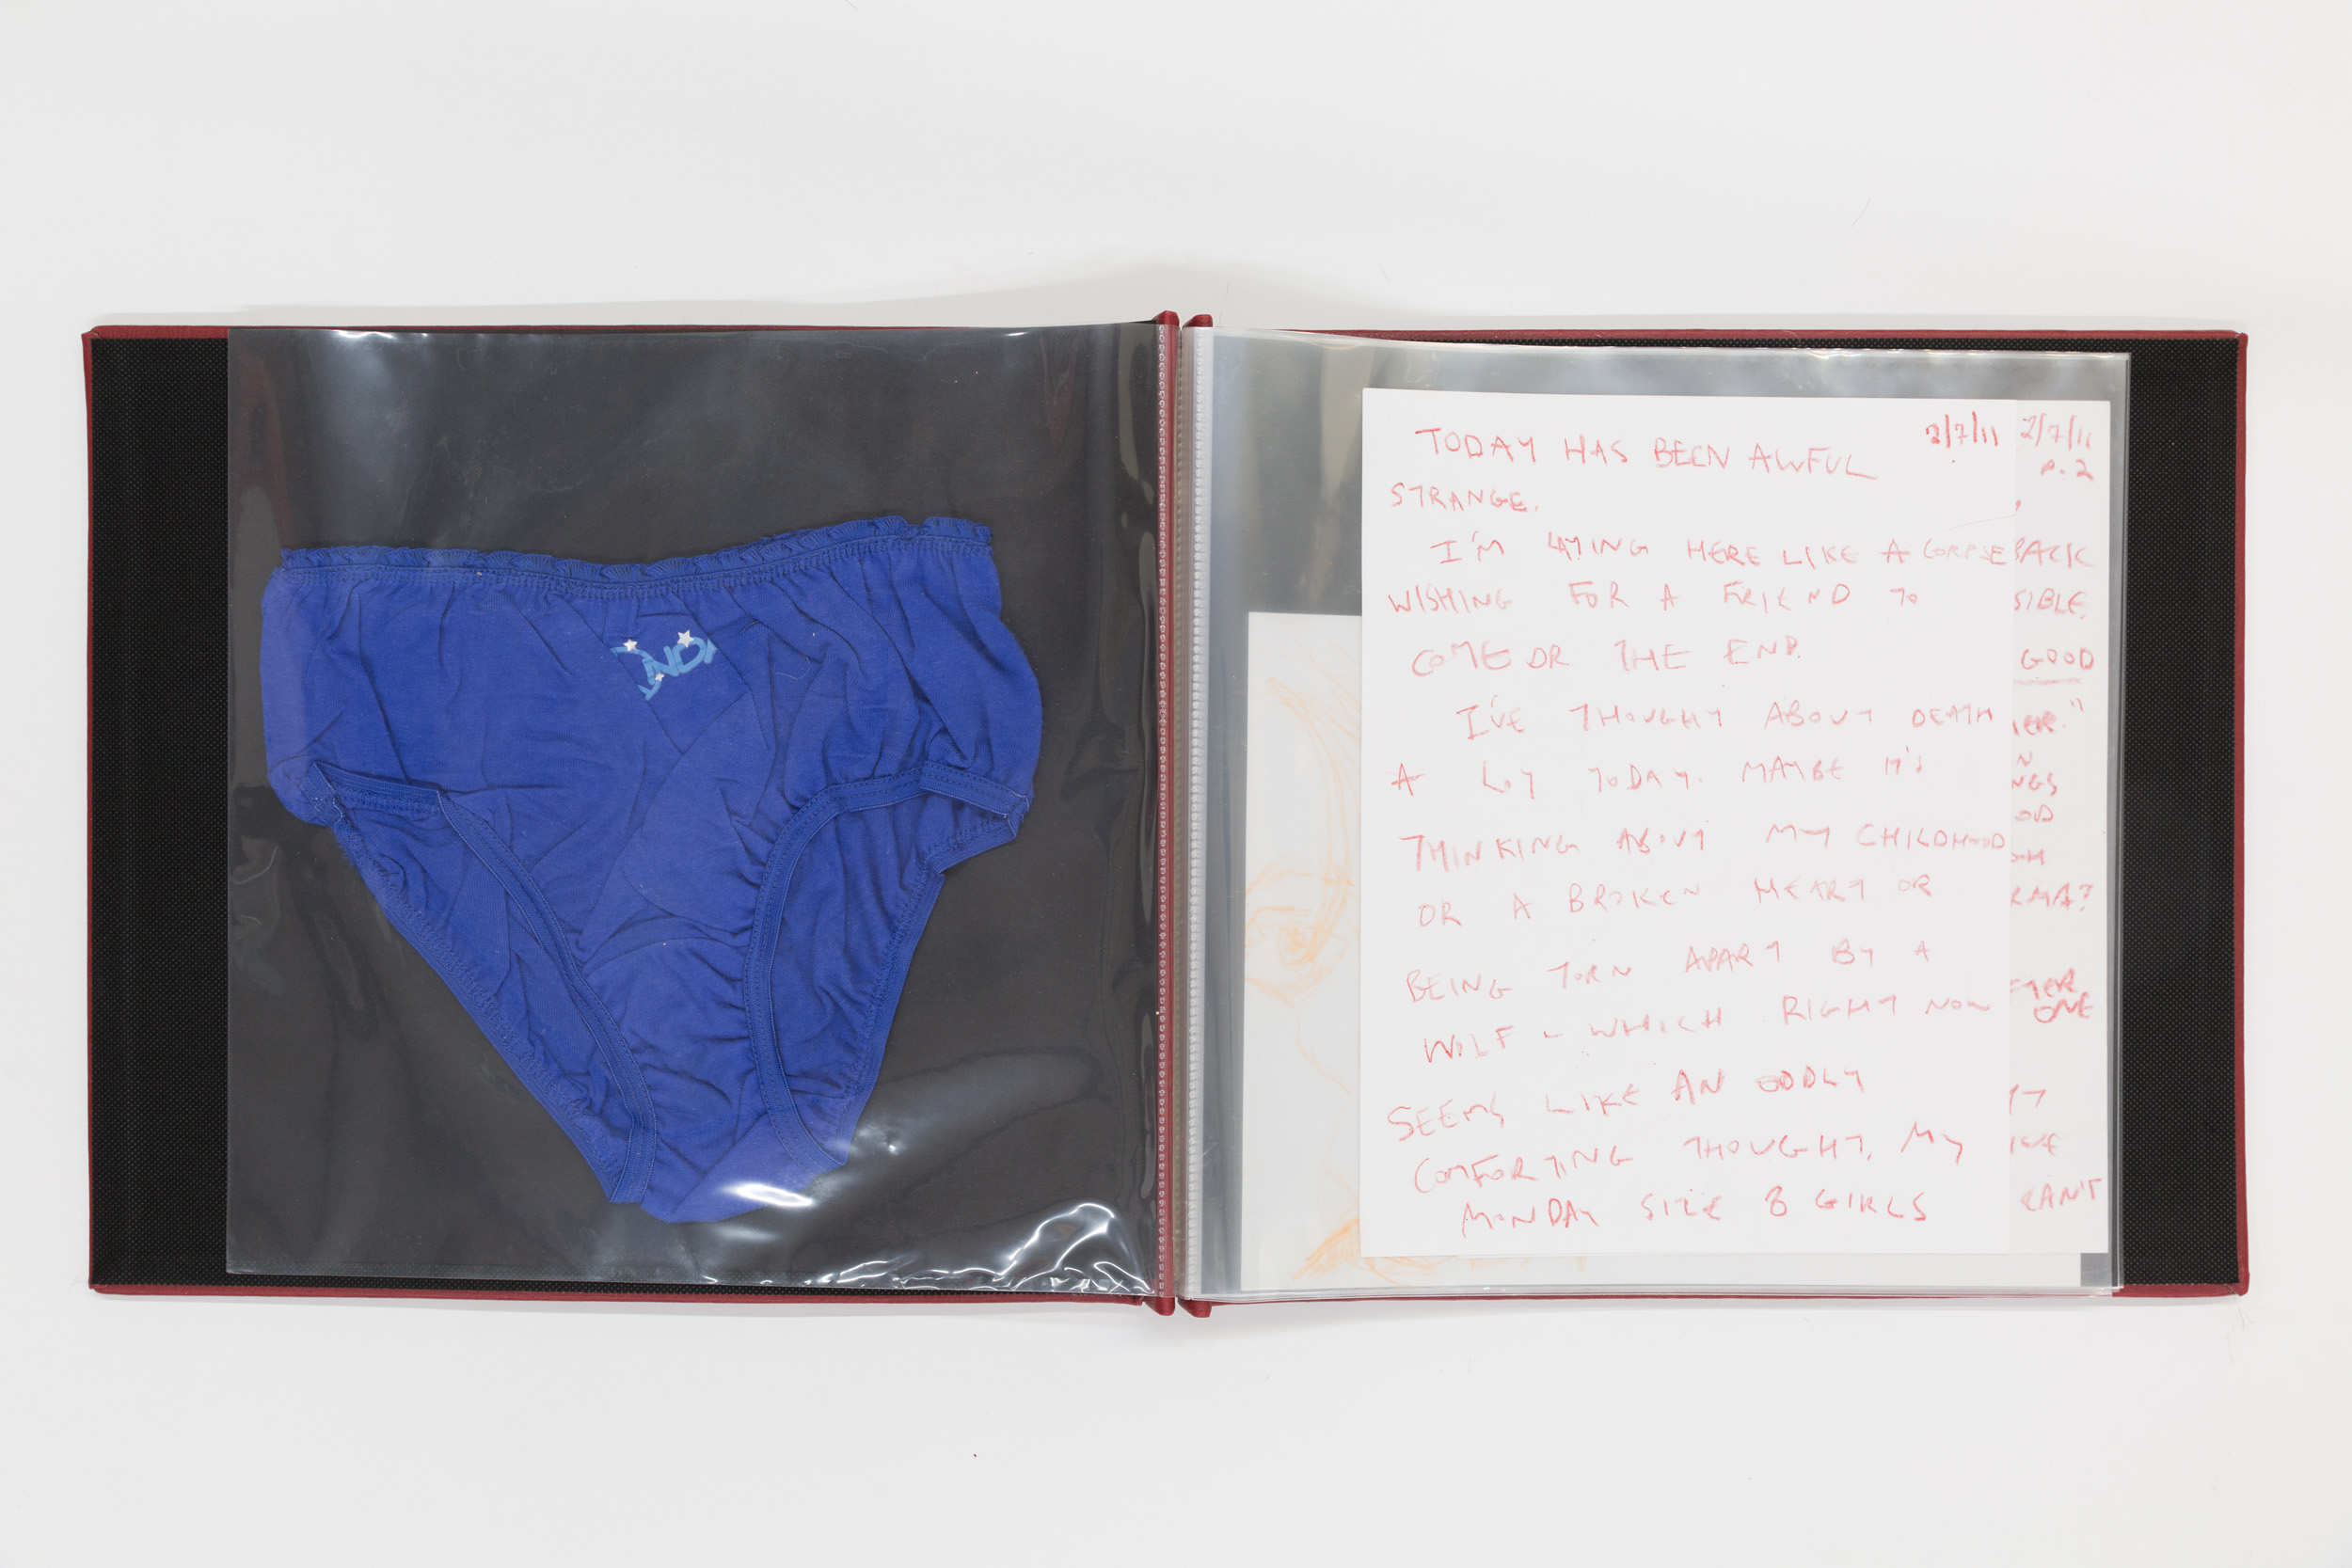 VGH_Book1_Panties.jpg